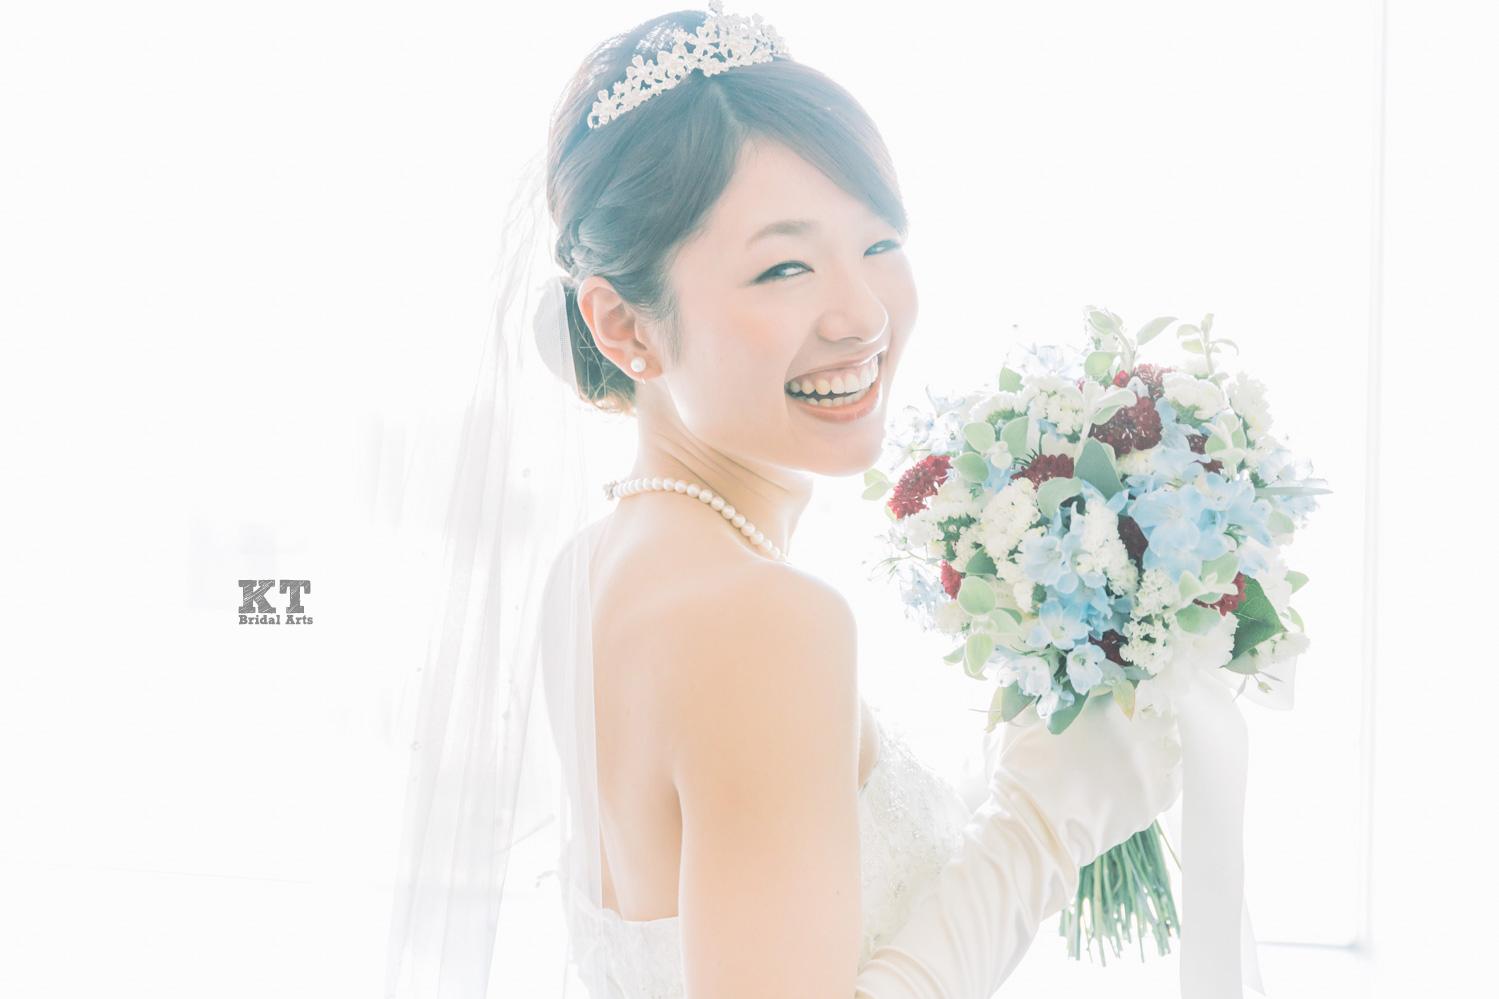 結婚式の撮影はカメラマンとの打ち合わせから始まっている/結婚式カメラマン髙栁豪志